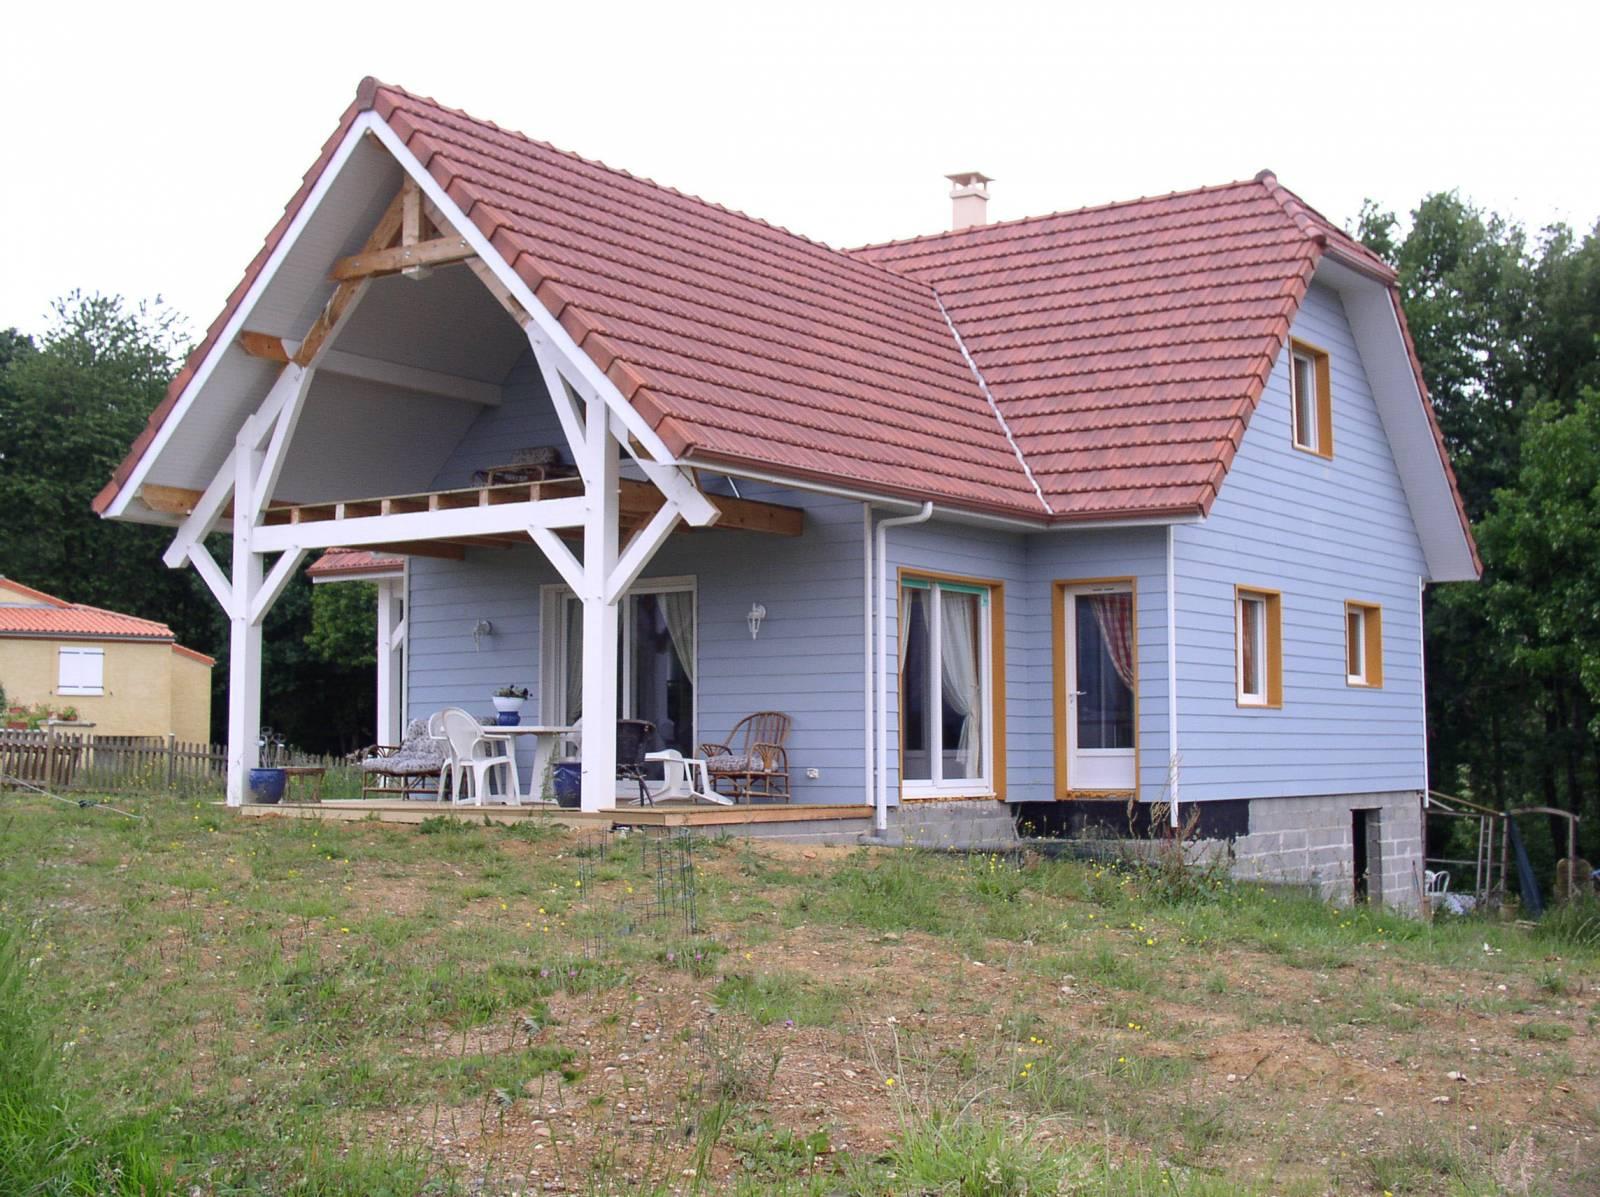 Maison ossature bois hors d eau hors d air for Prix maison hors d eau hors d air 130m2